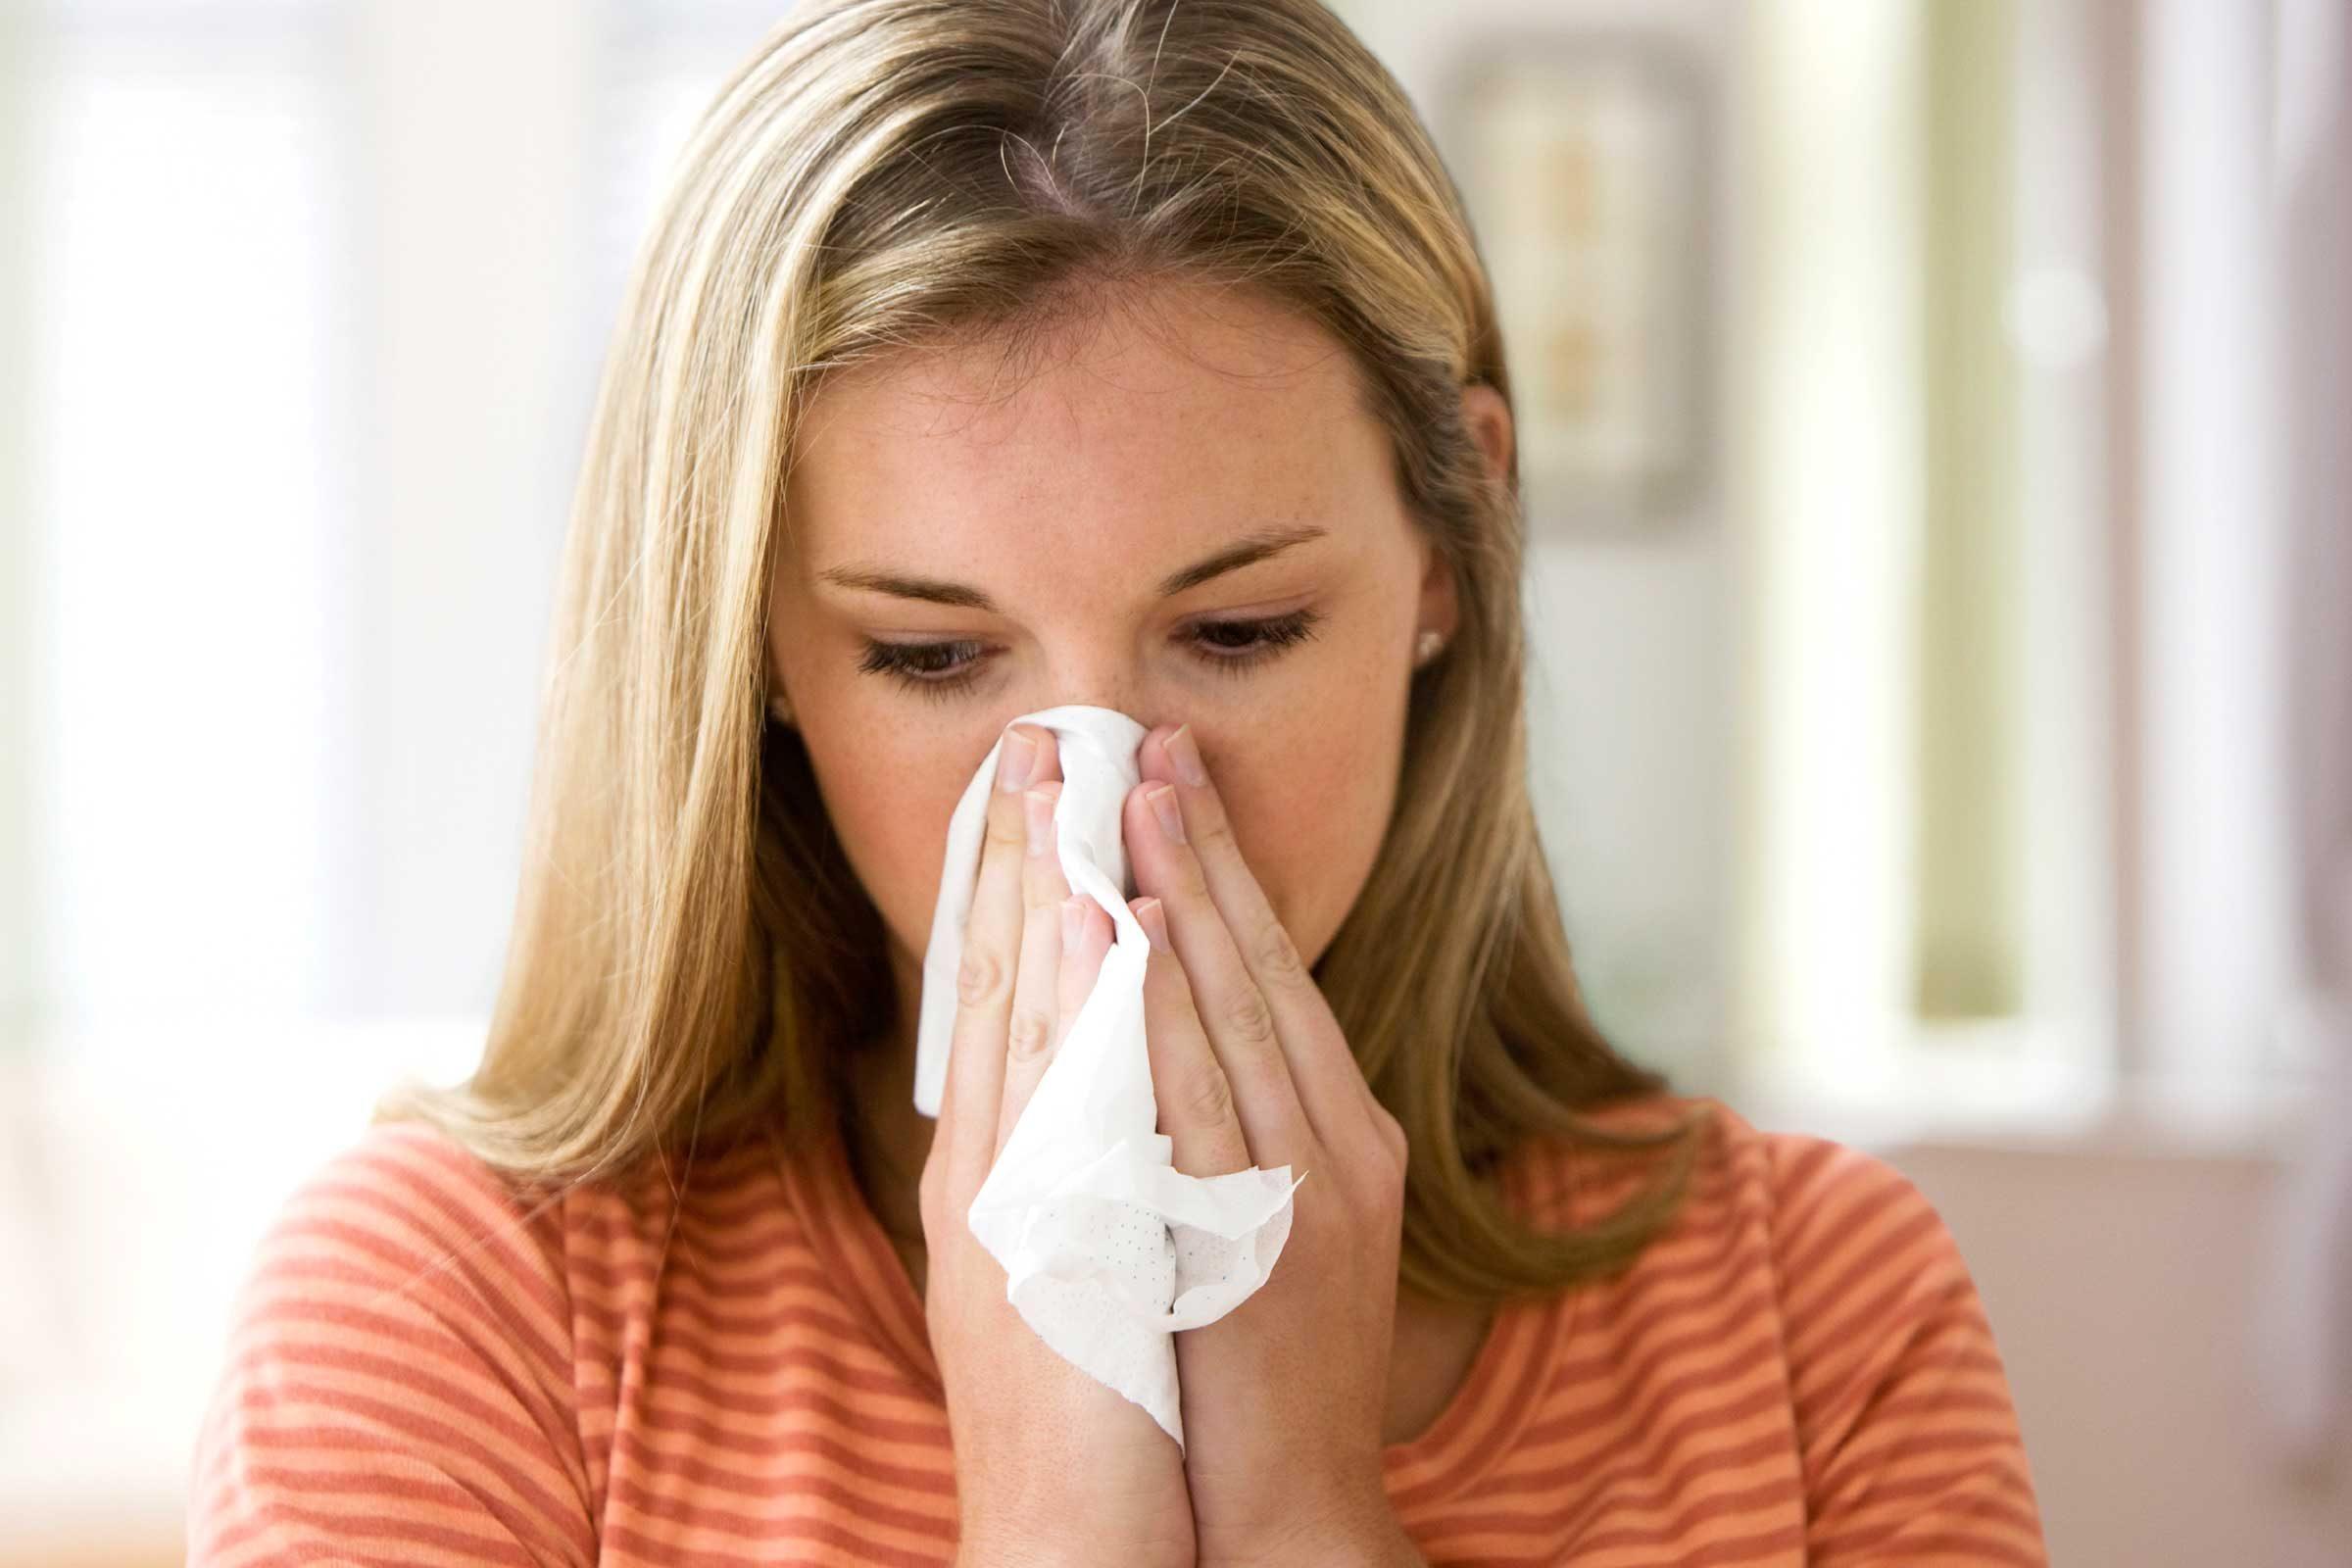 Une personne sur quatre échoue à couvrir sa bouche lors d'éternuements